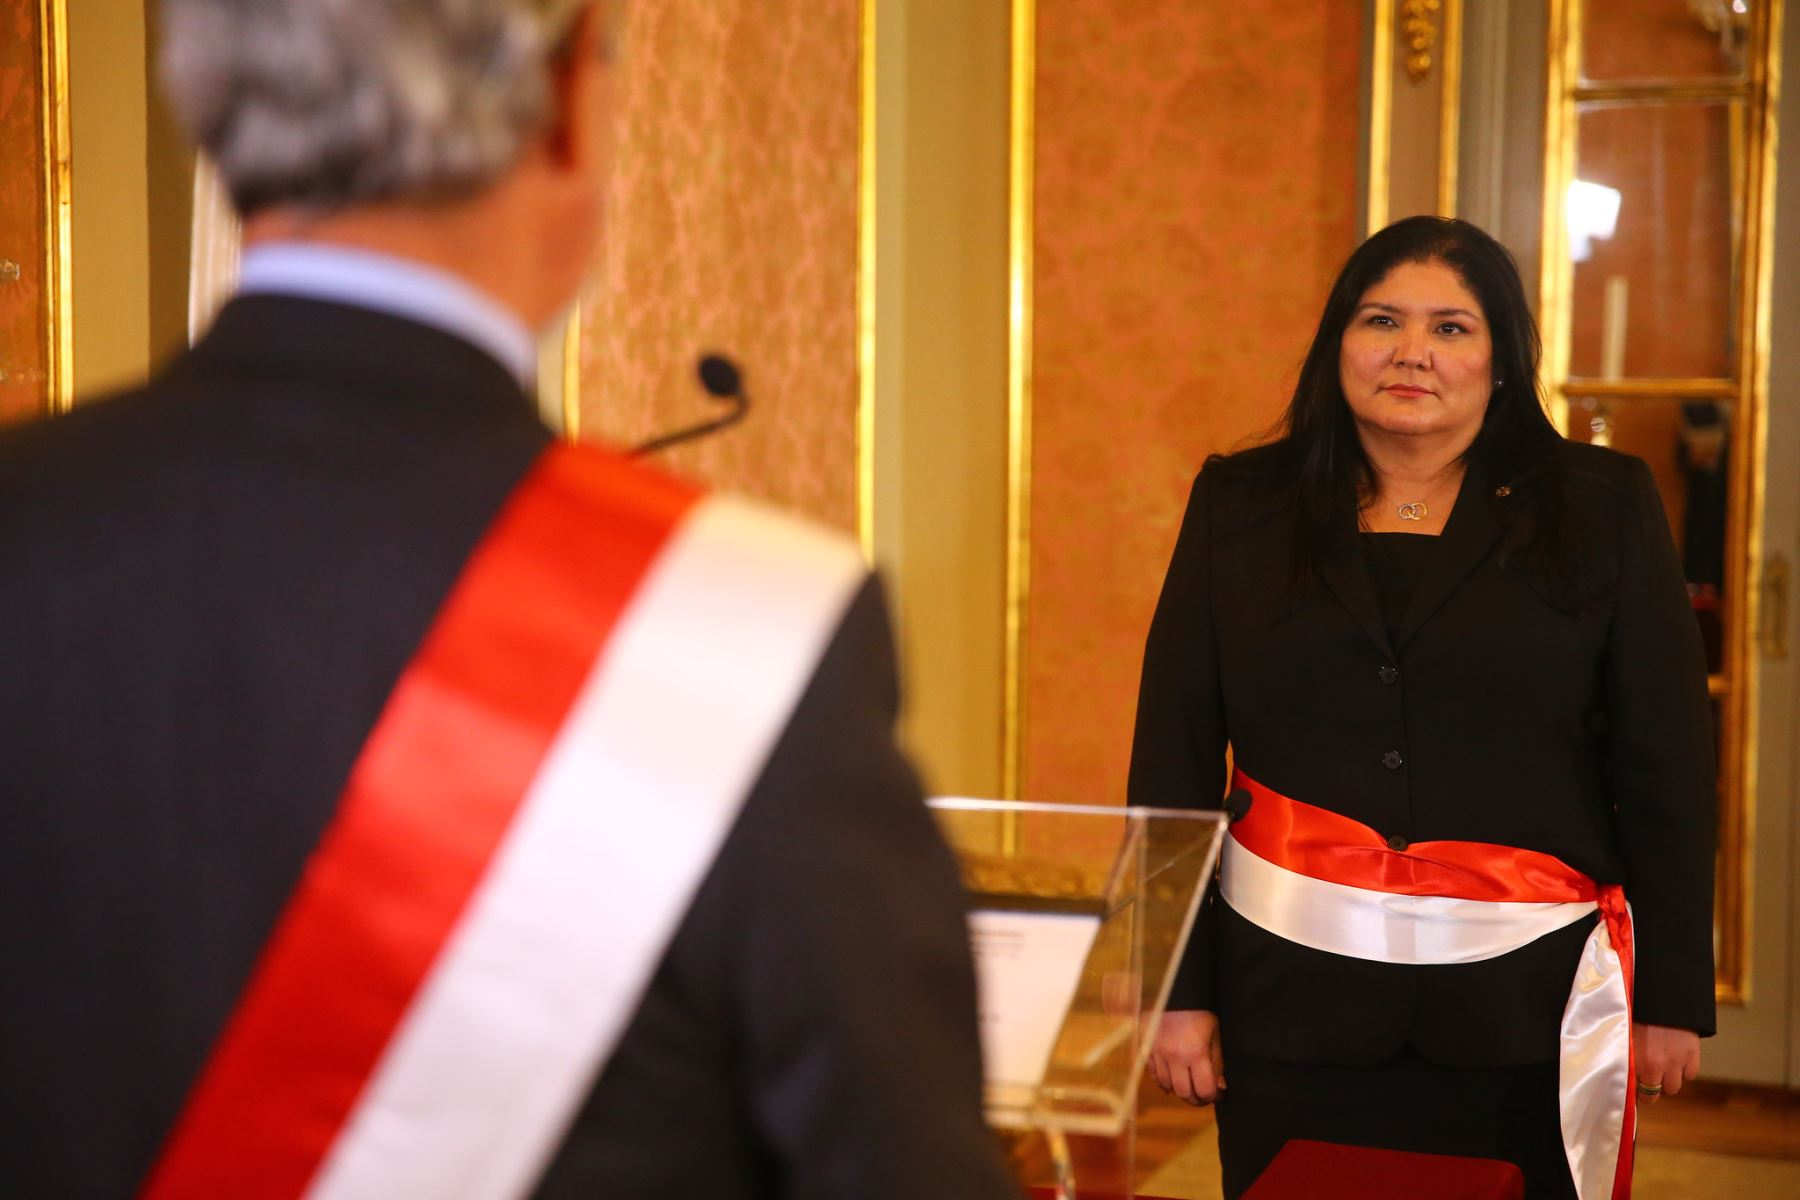 conoce-el-perfil-nuria-esparch-la-primera-ministra-de-defensa-del-peru